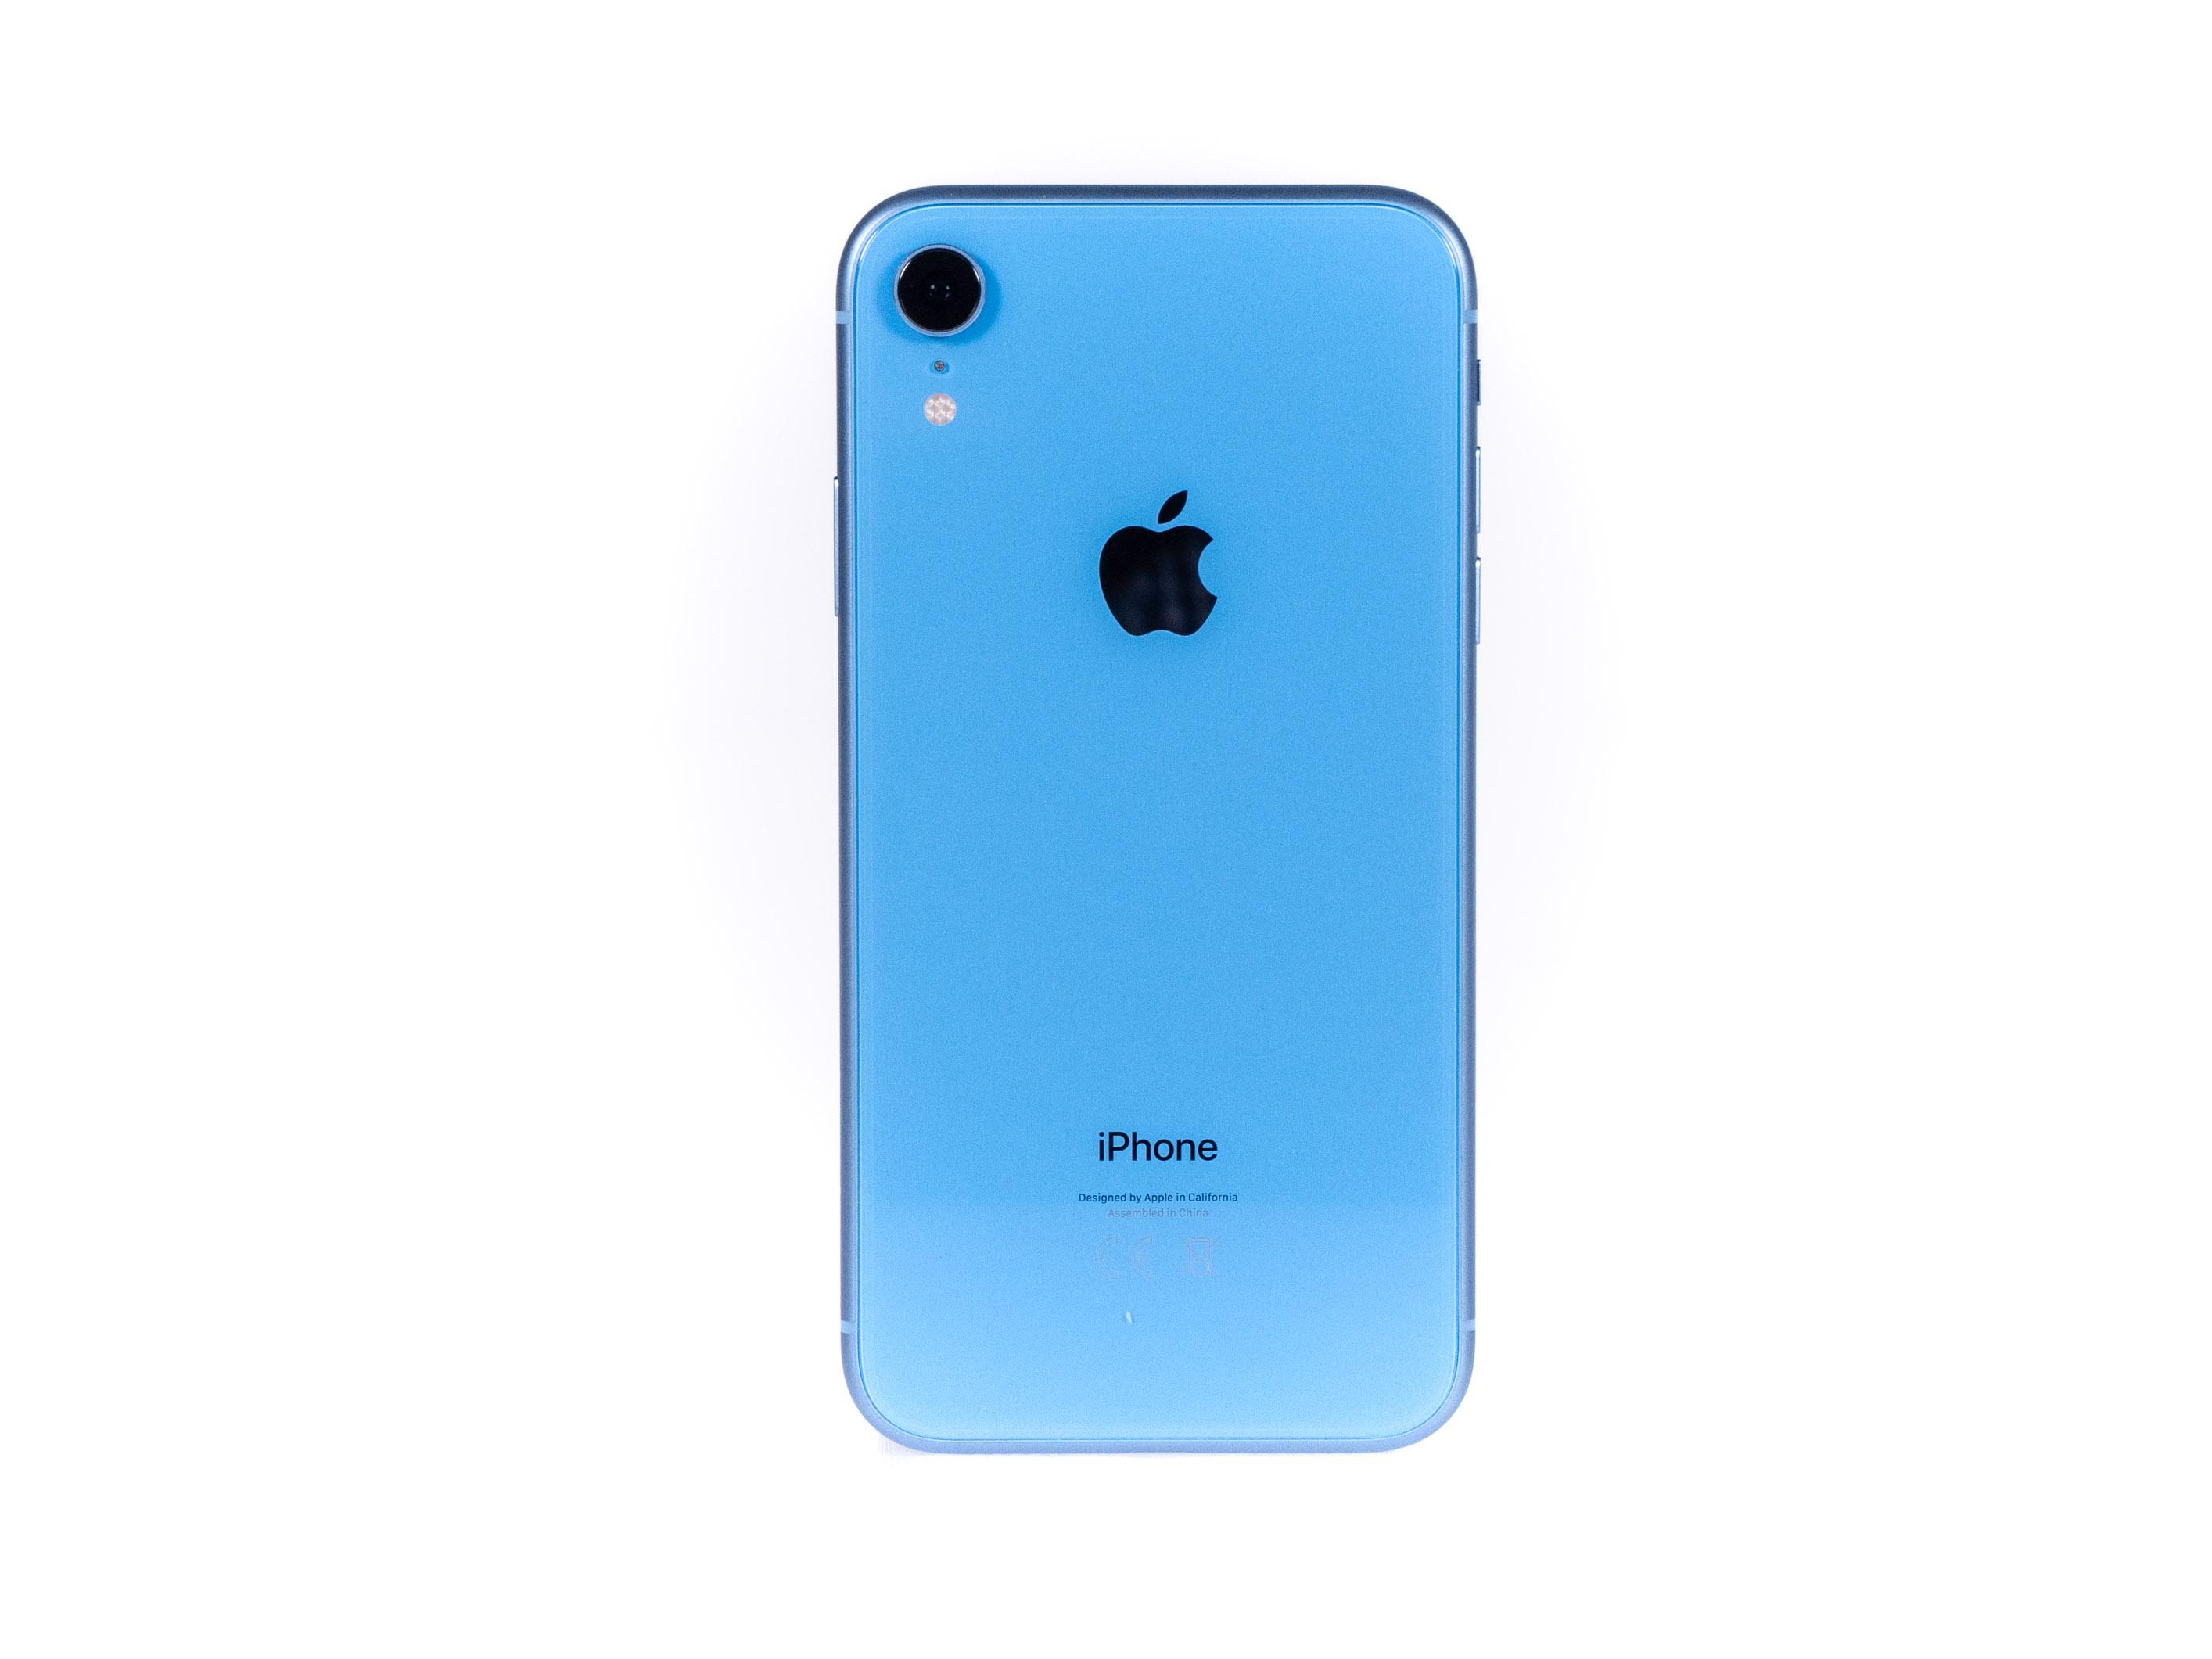 iPhone Xr im Test: Apples günstigeres iPhone ist nicht günstig -